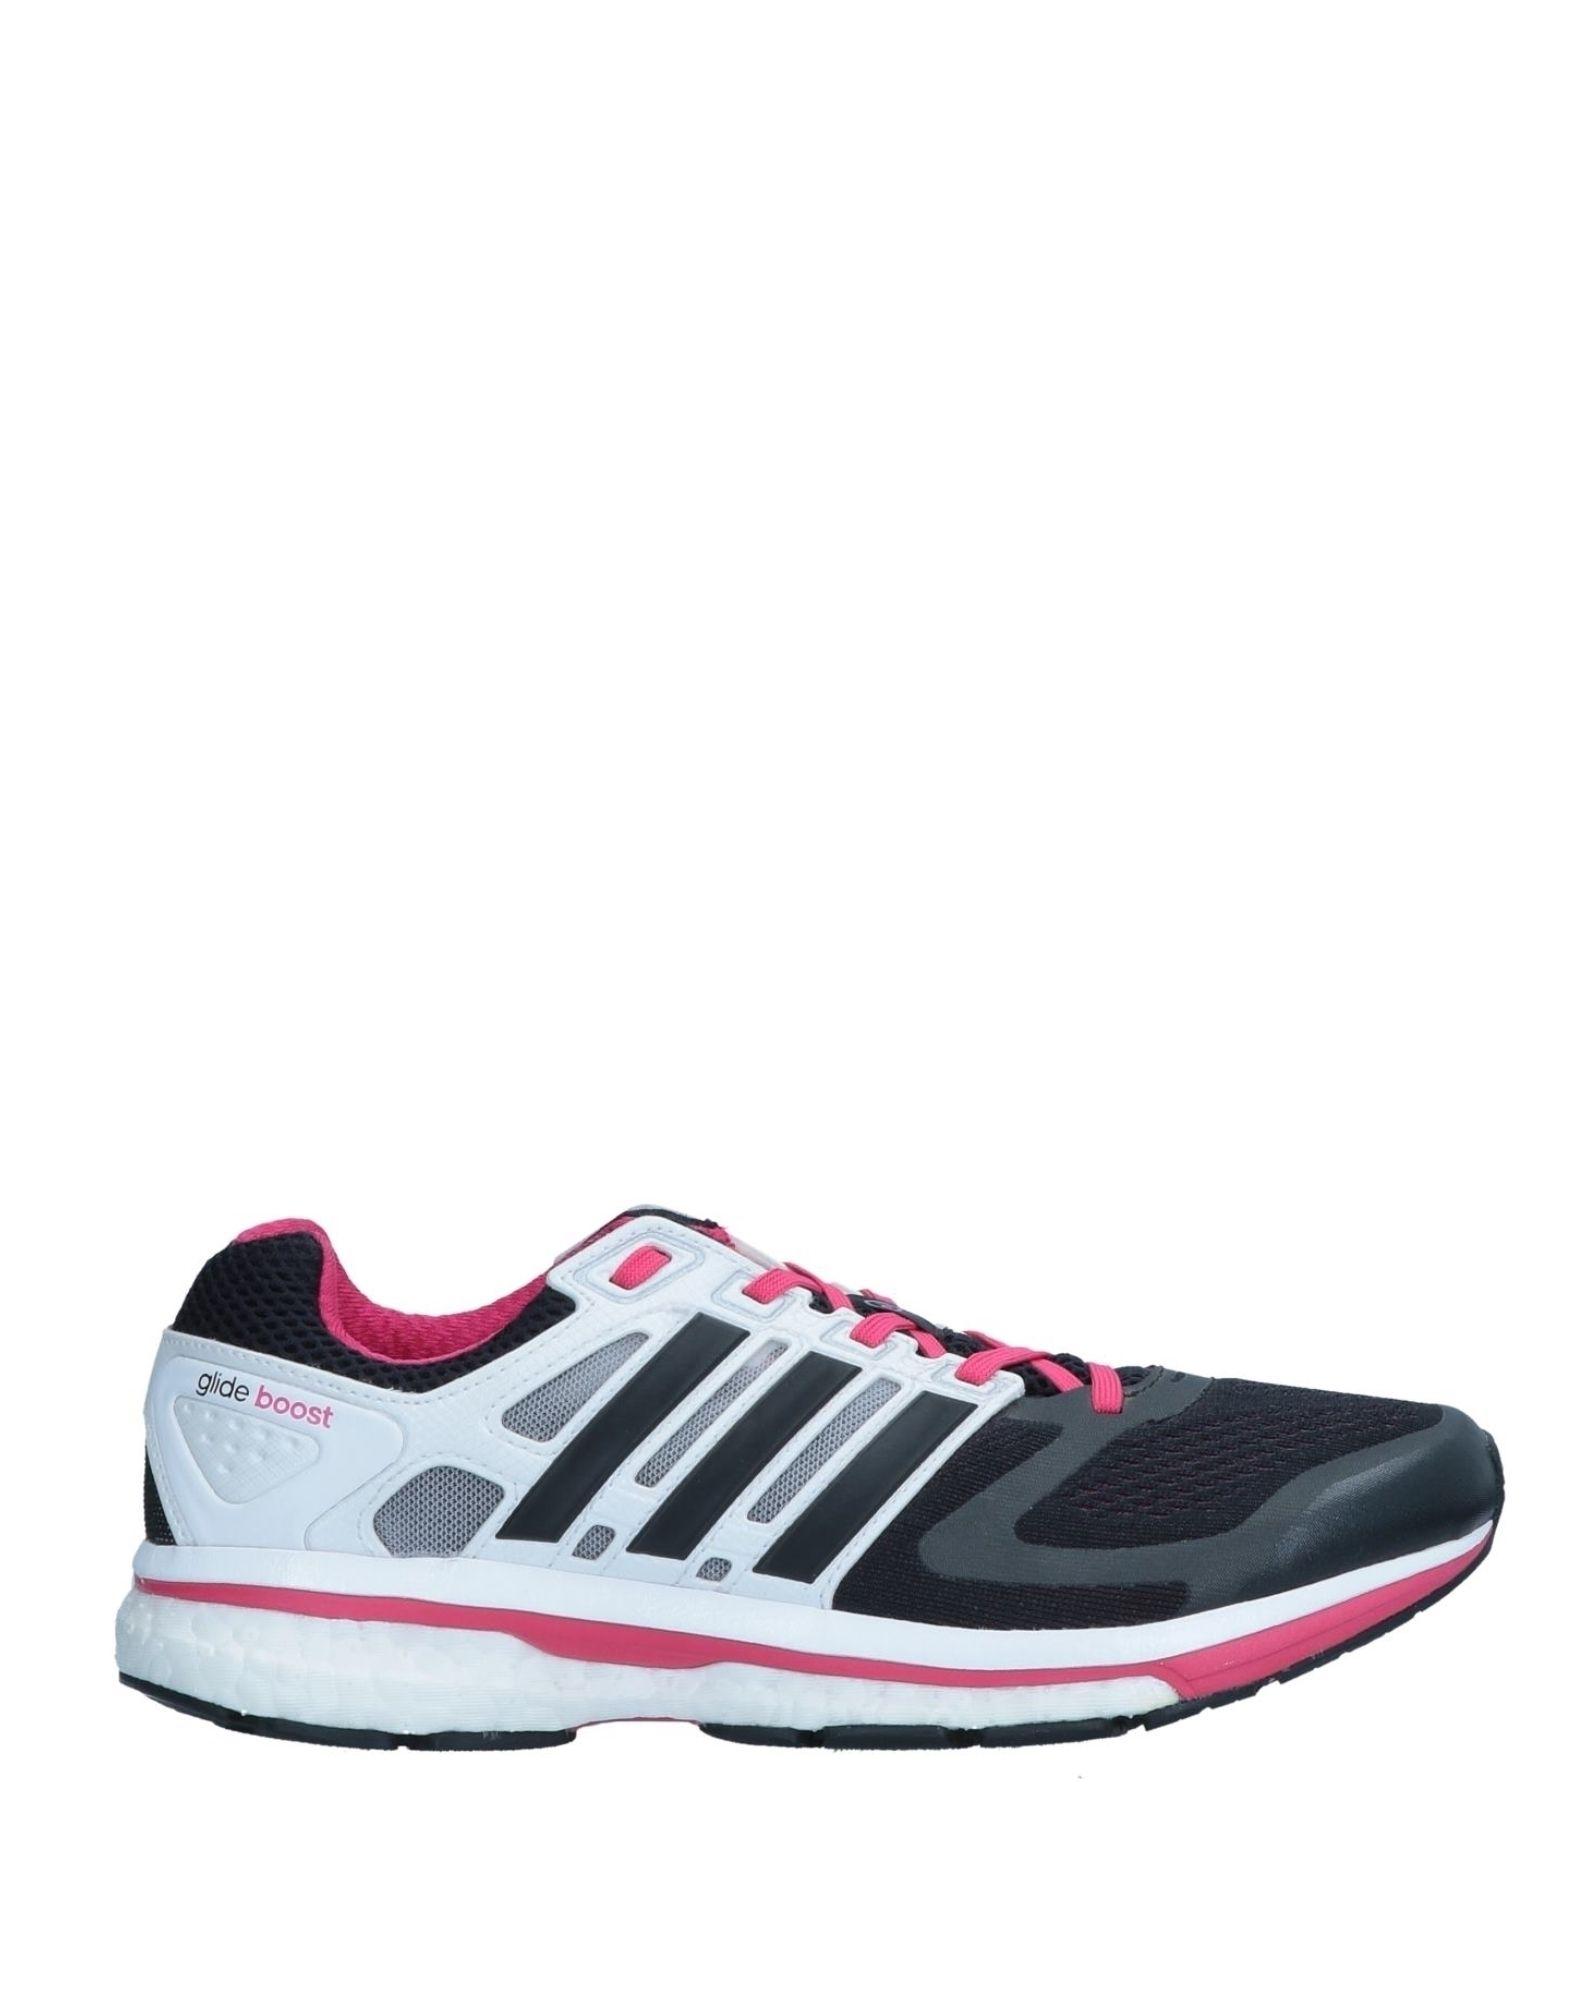 Sneakers Adidas Donna - 11549391DJ Scarpe economiche e buone